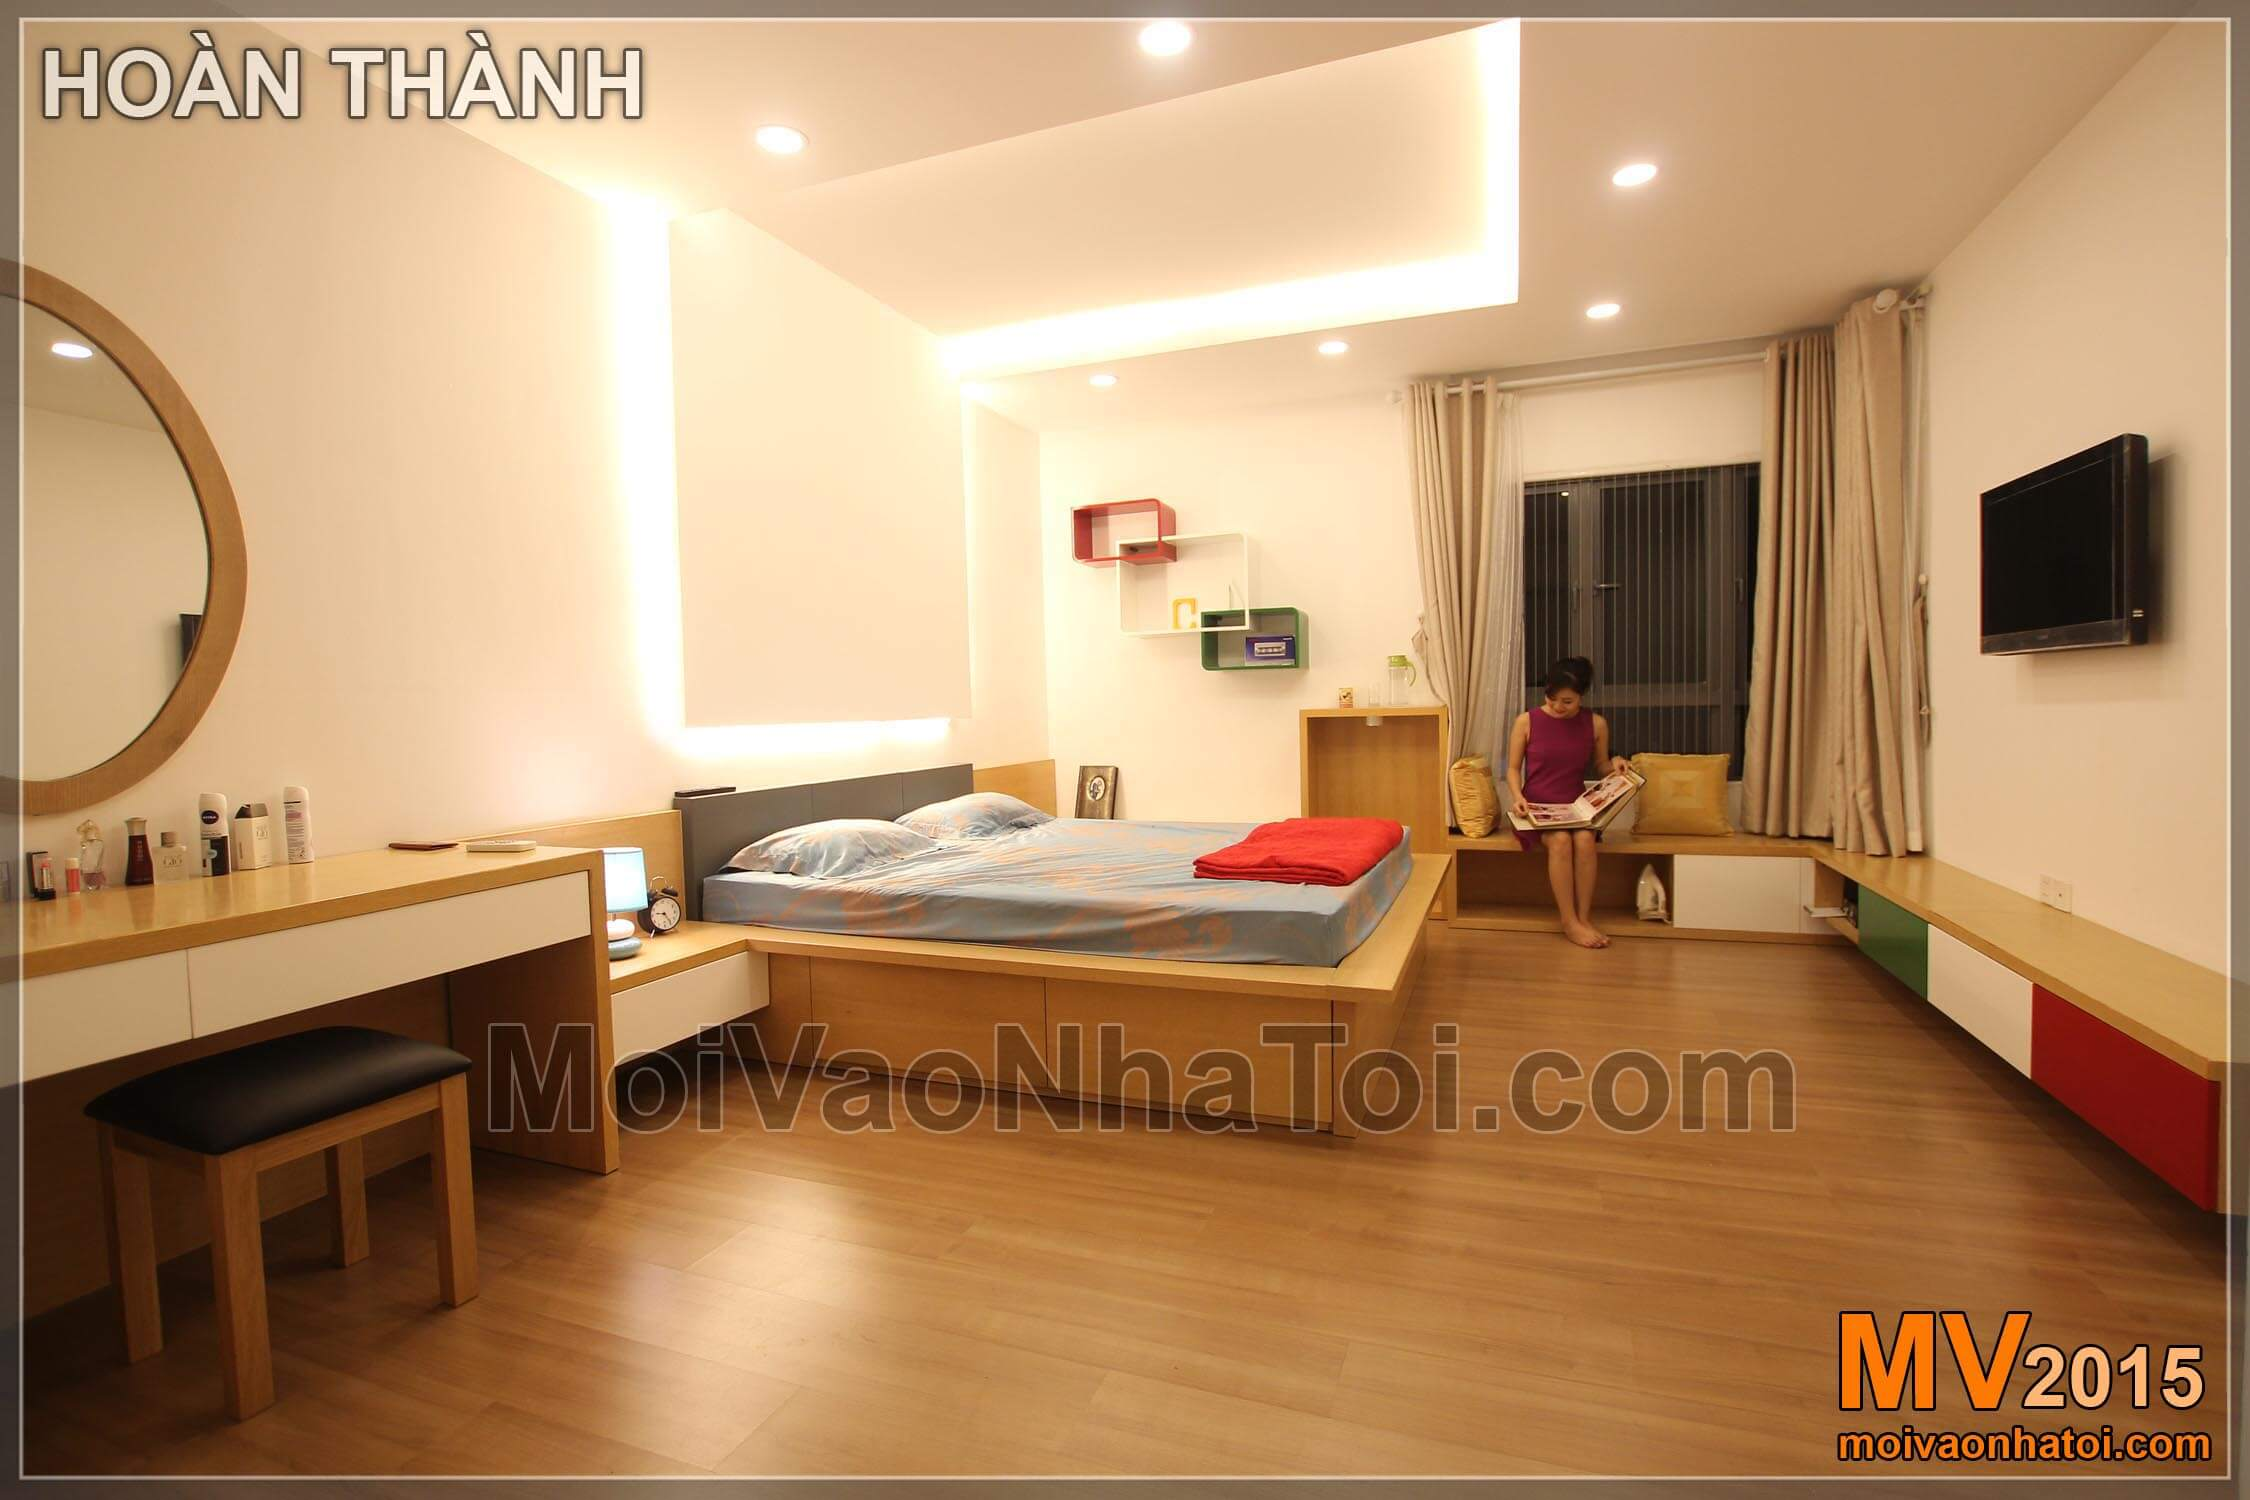 Phòng ngủ master hoàn thiện với nhiều góc ngồi sinh động